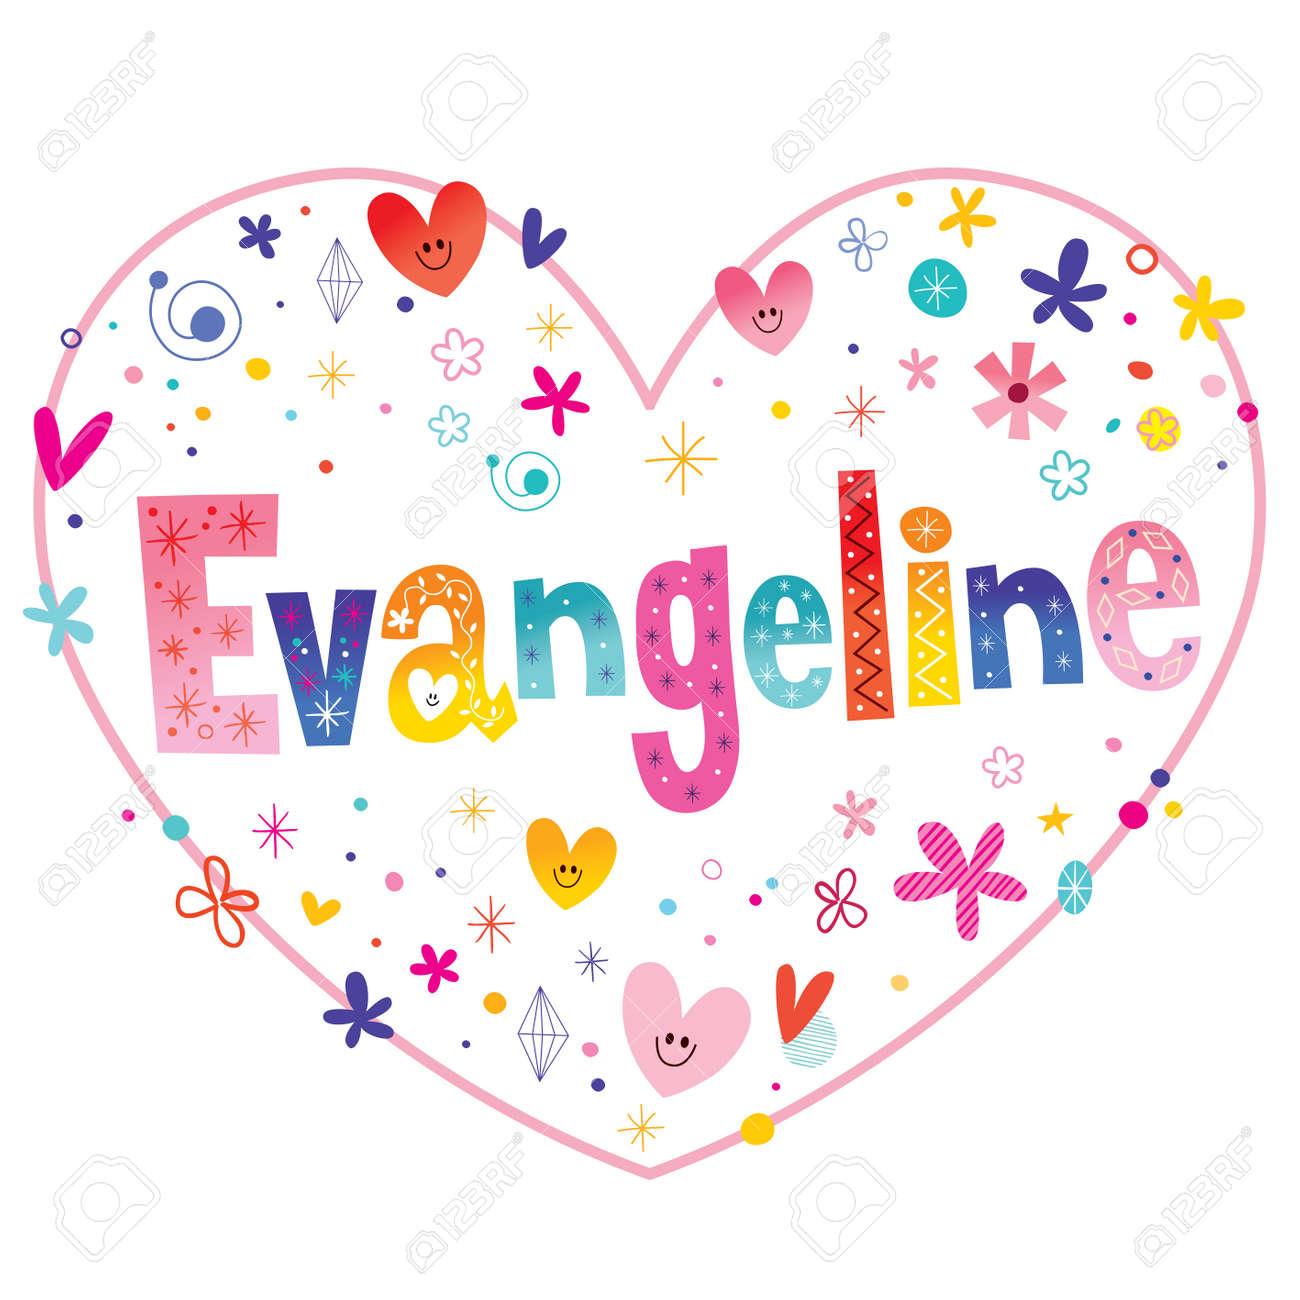 Evangeline Niñas Nombre Diseño De Amor En Forma De Corazón